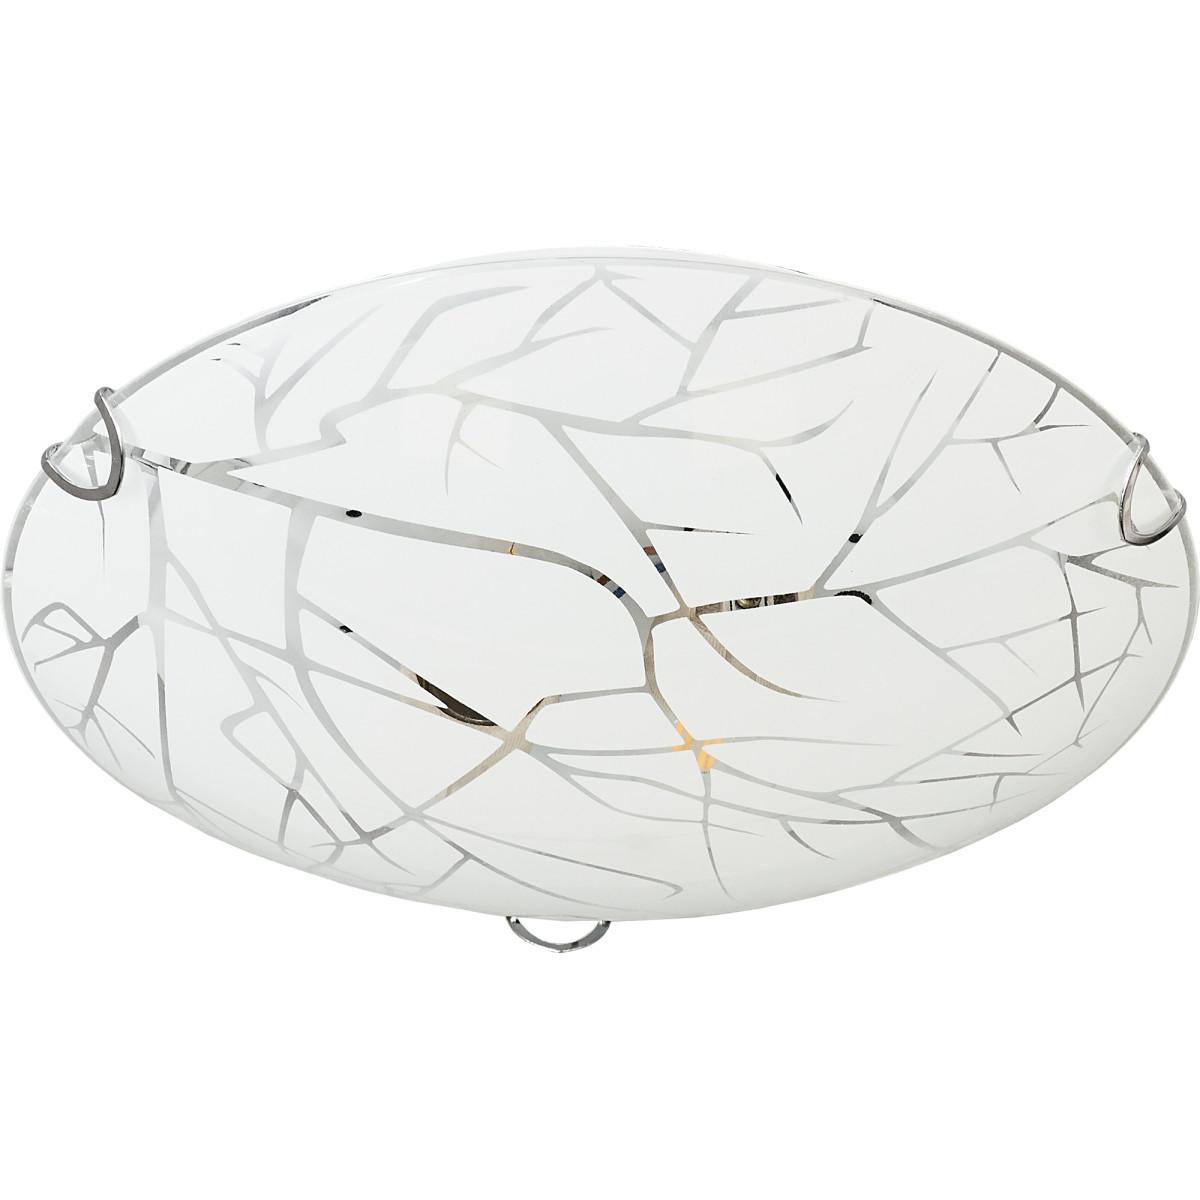 Настенно-потолочный светильник Багульник КС30073/2С цвет белый